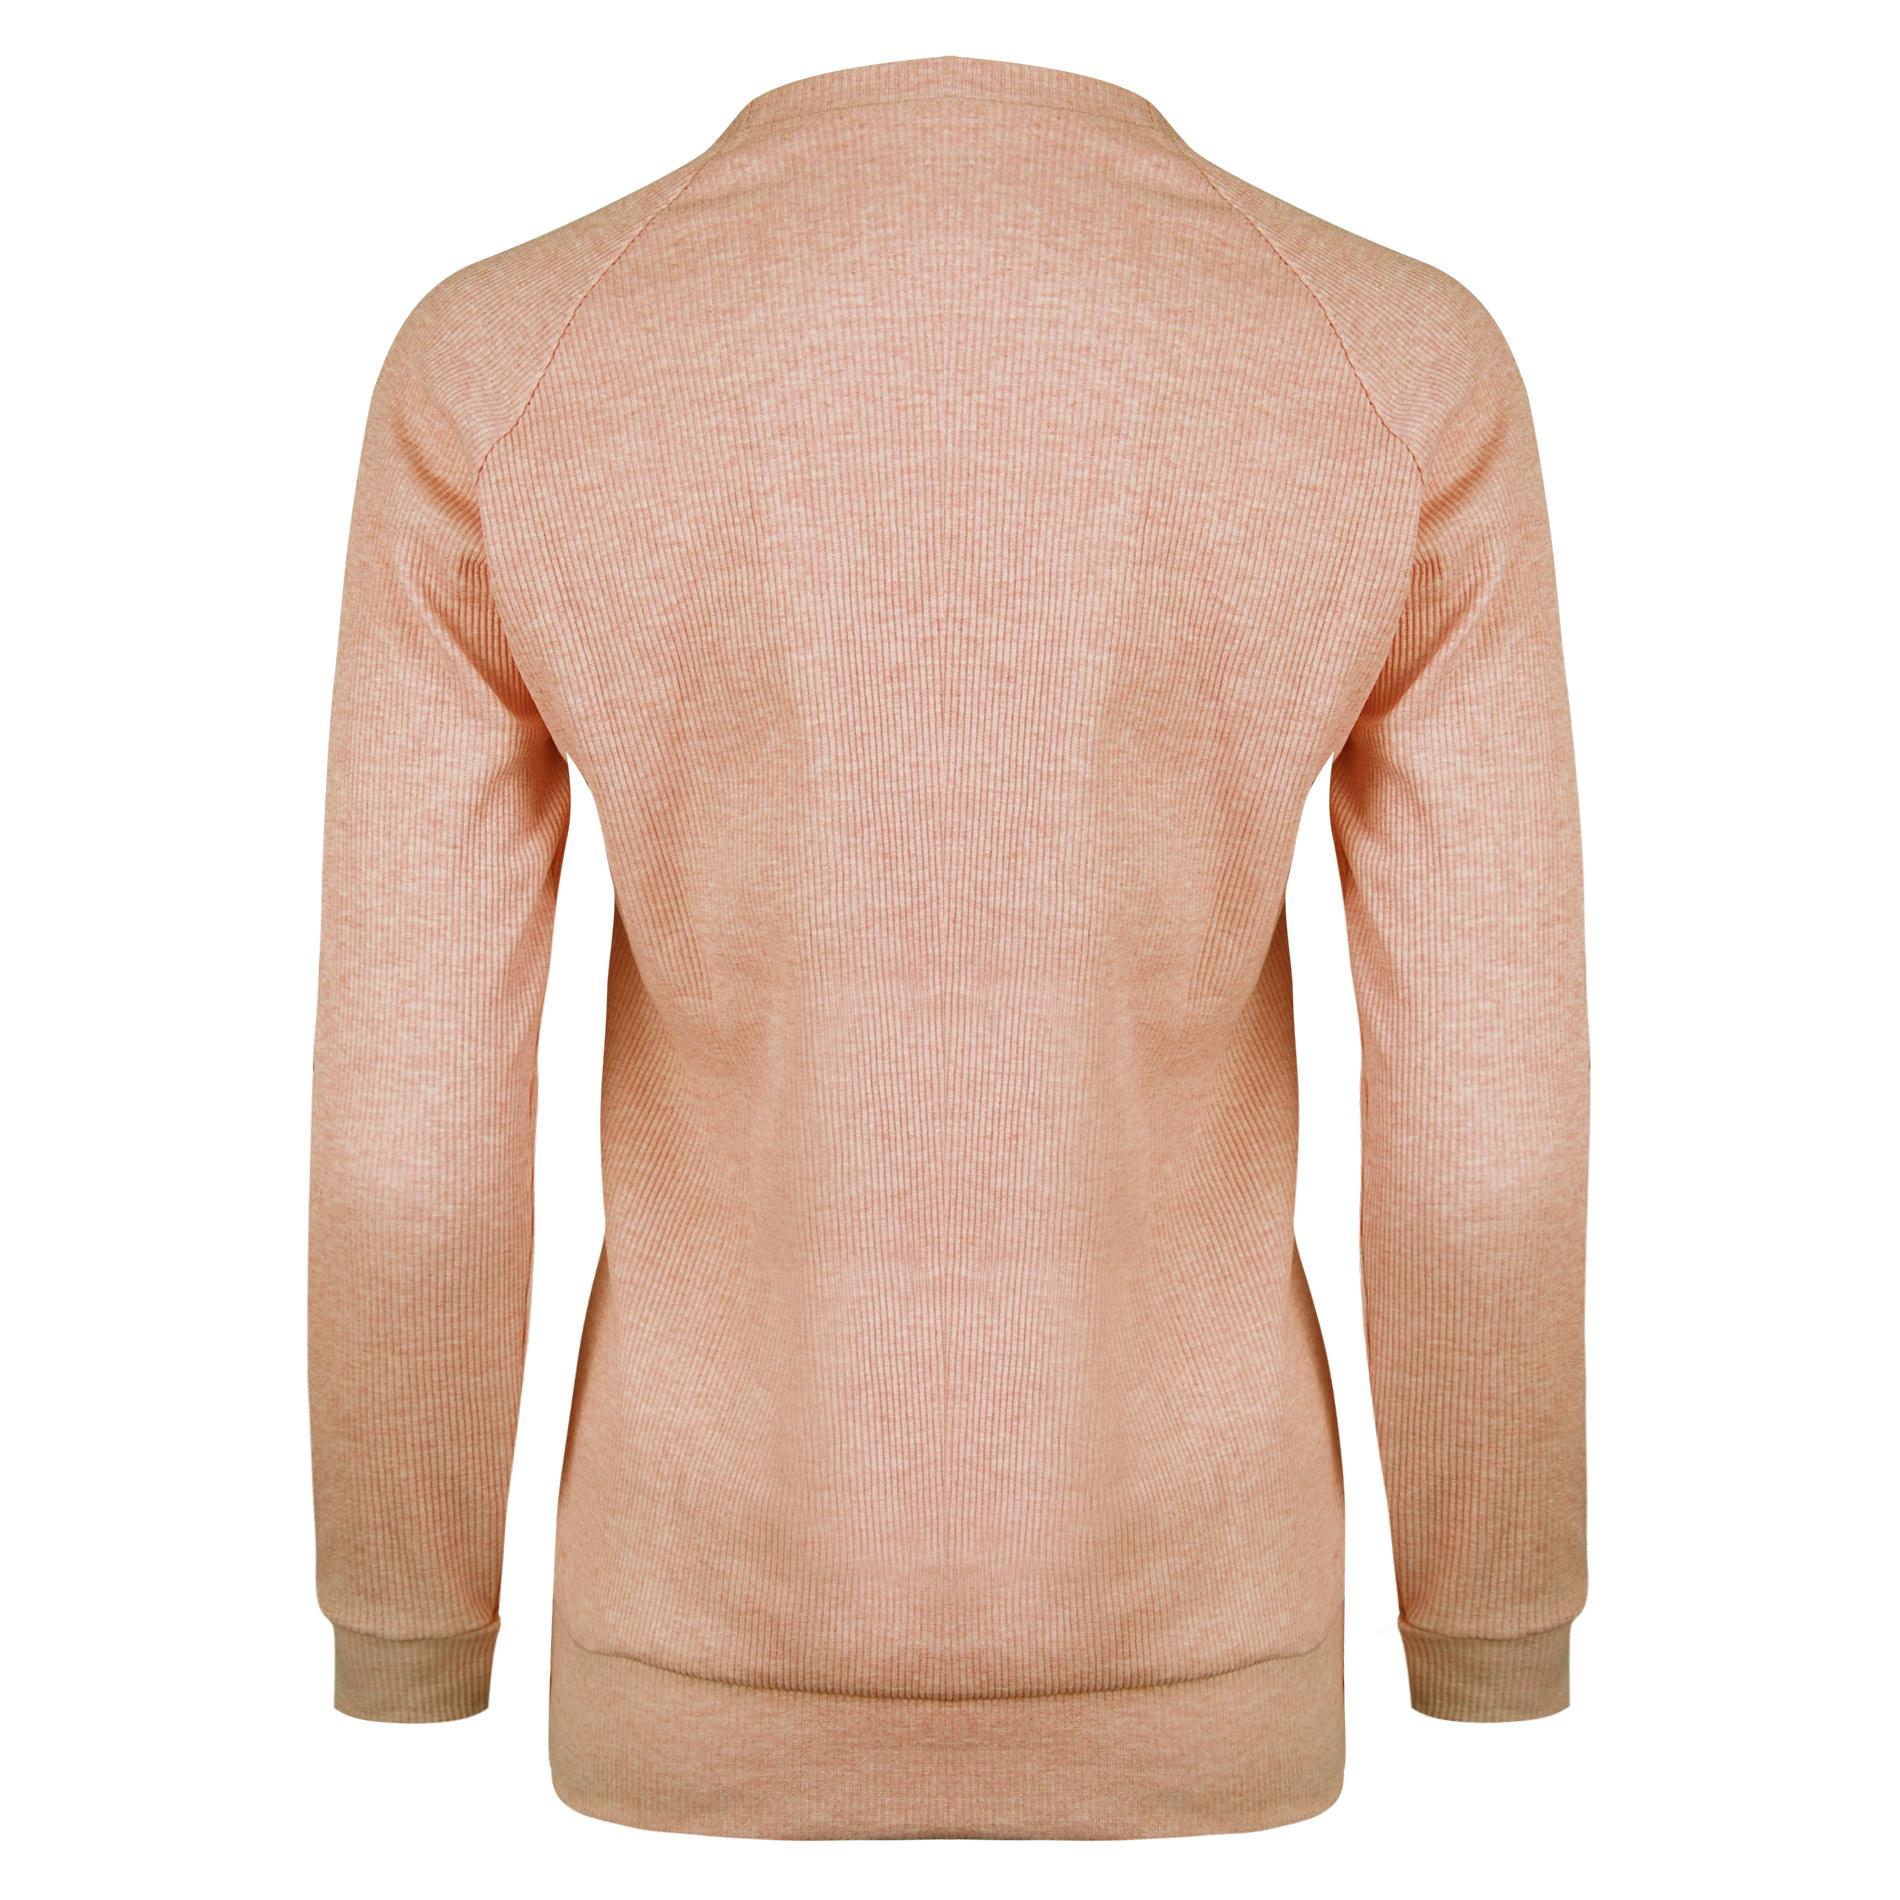 ست تی شرت و شلوار زنانه ماییلدا مدل 3531-4 main 1 2